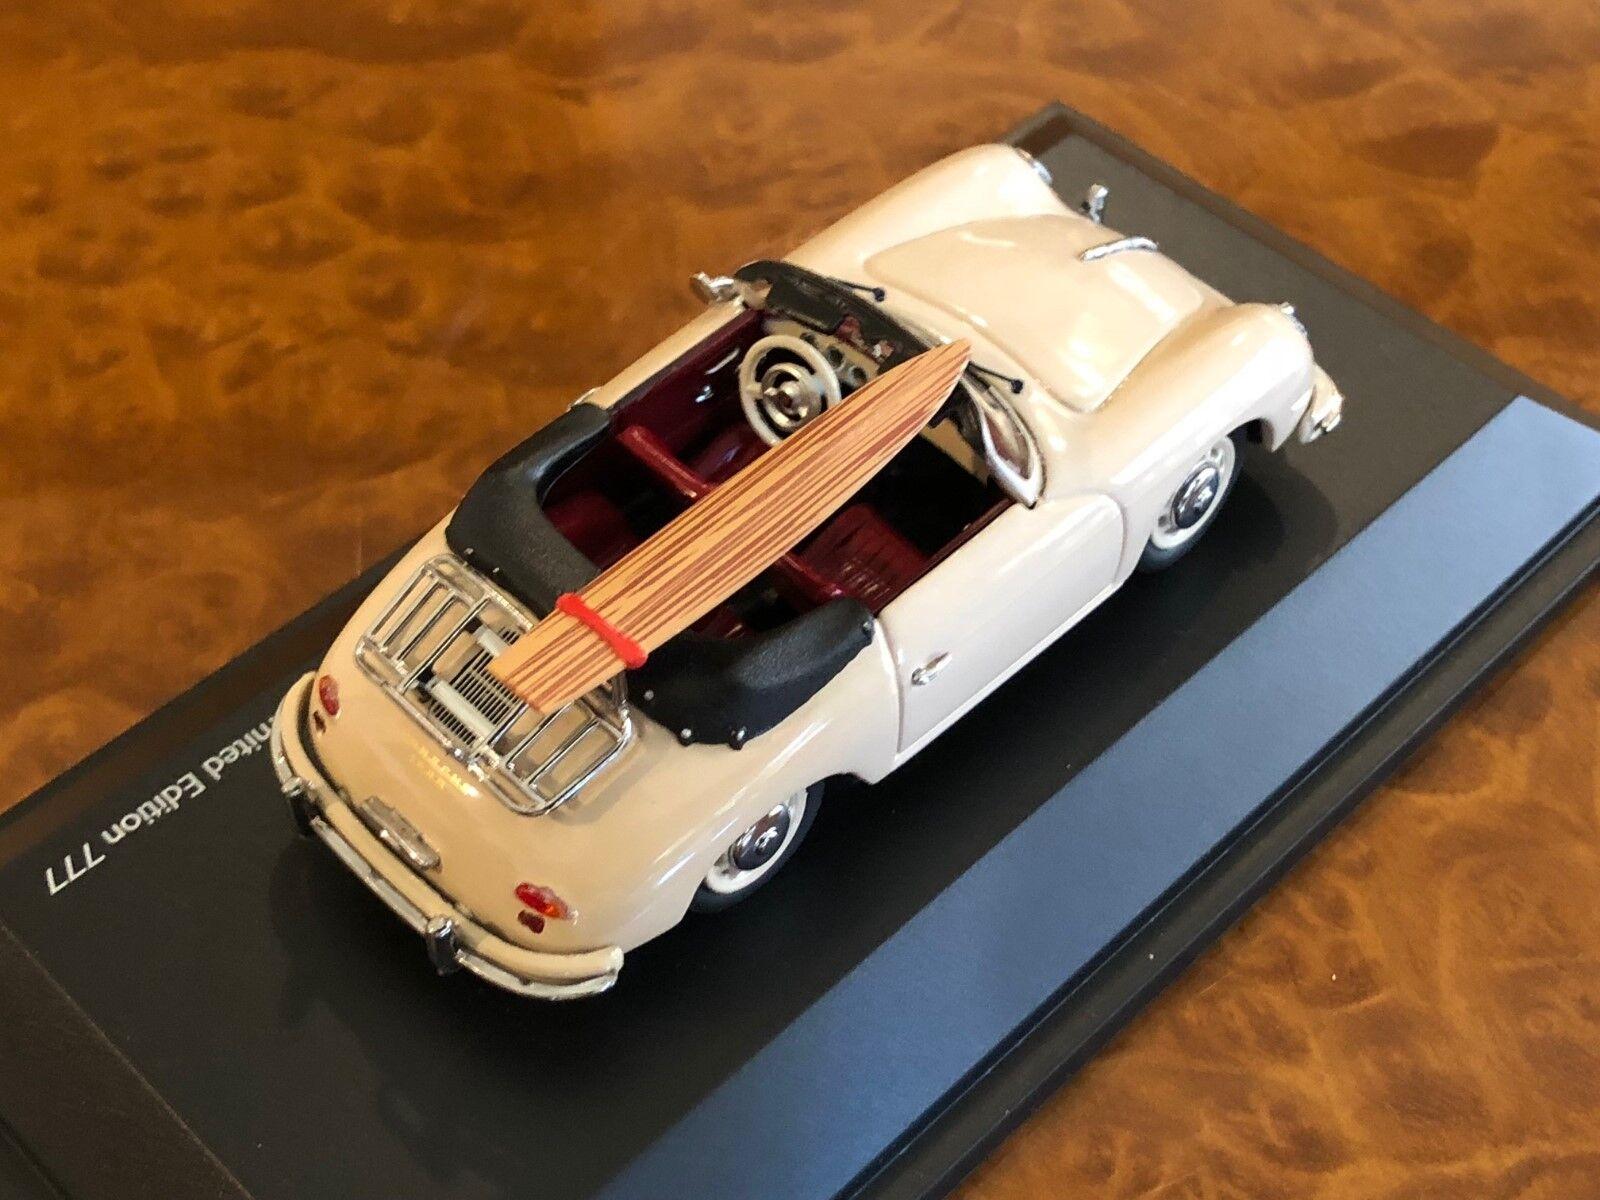 Schuco 1 43 Porsche 356 ein Holz Surfbrett 70th Anniversary Limitierte Auflage